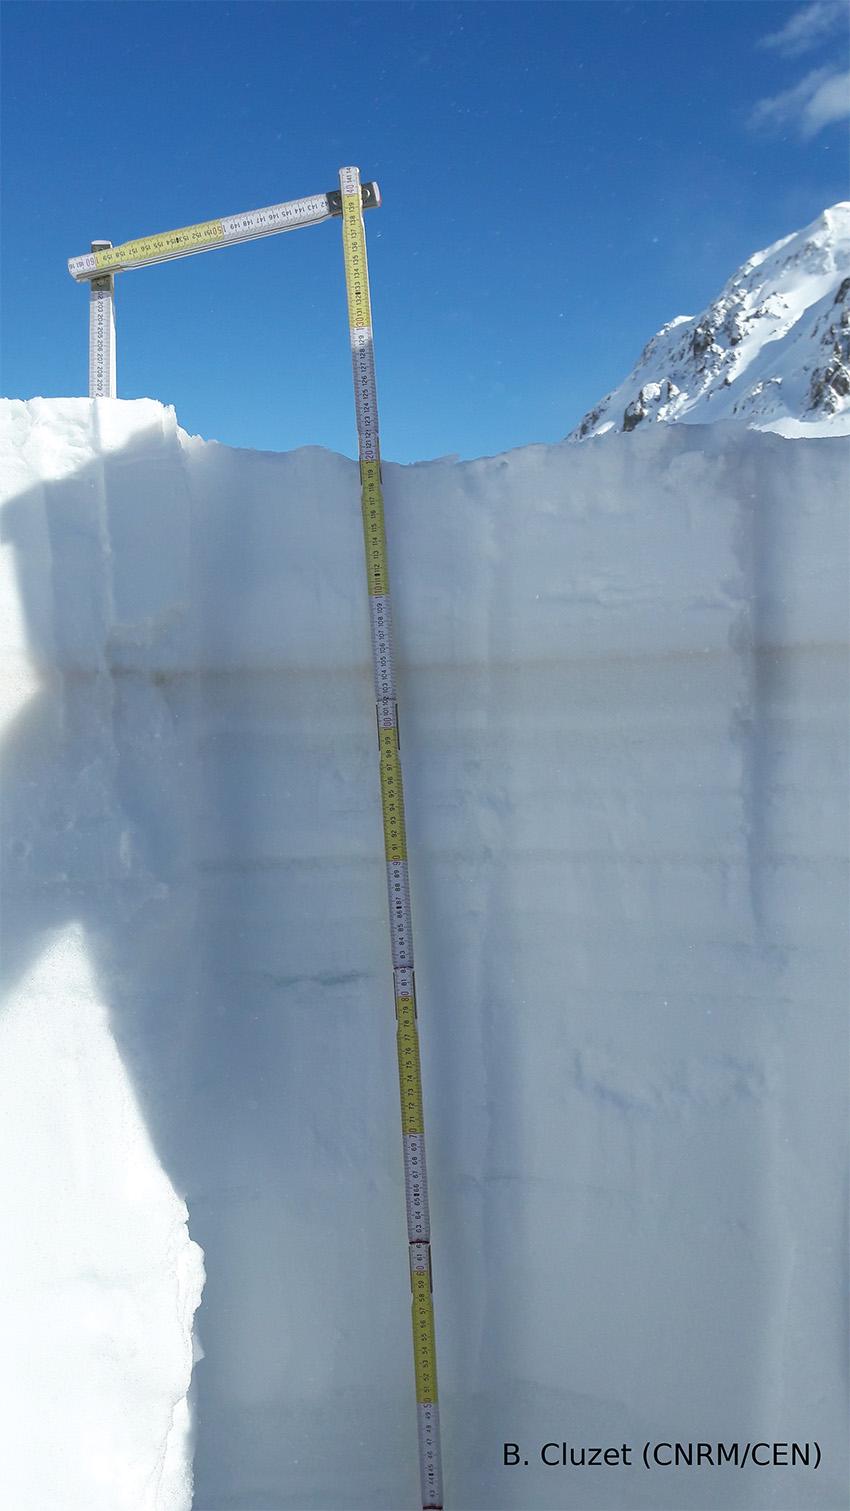 manteau neigeux au col du Lautaret